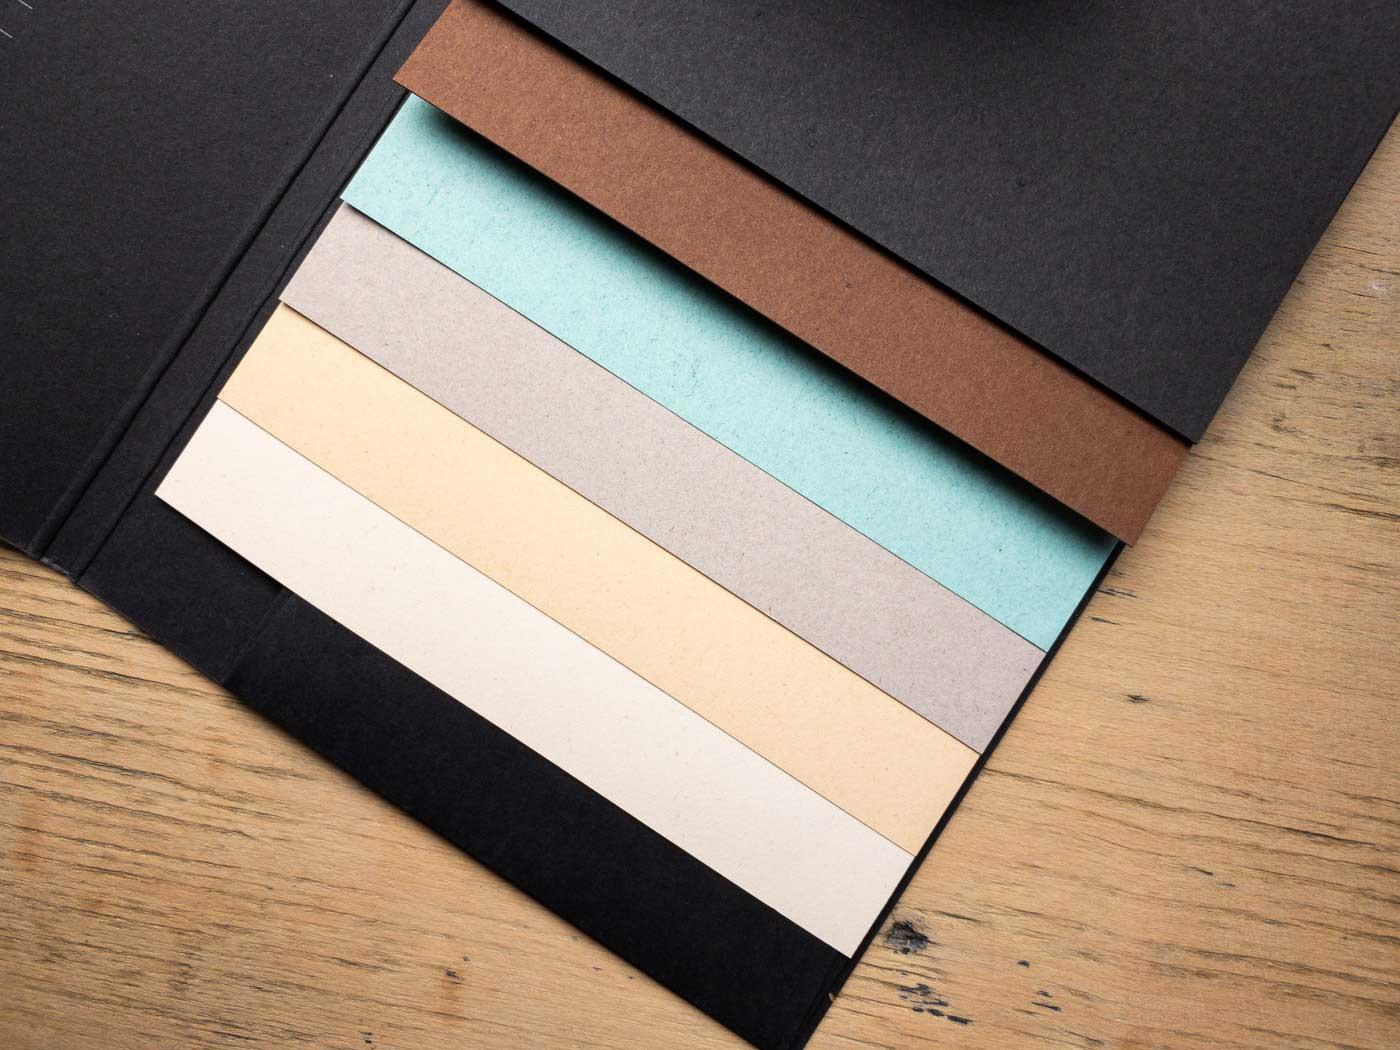 papier-remake-cuir-recycle-impression-RSE-couleurs